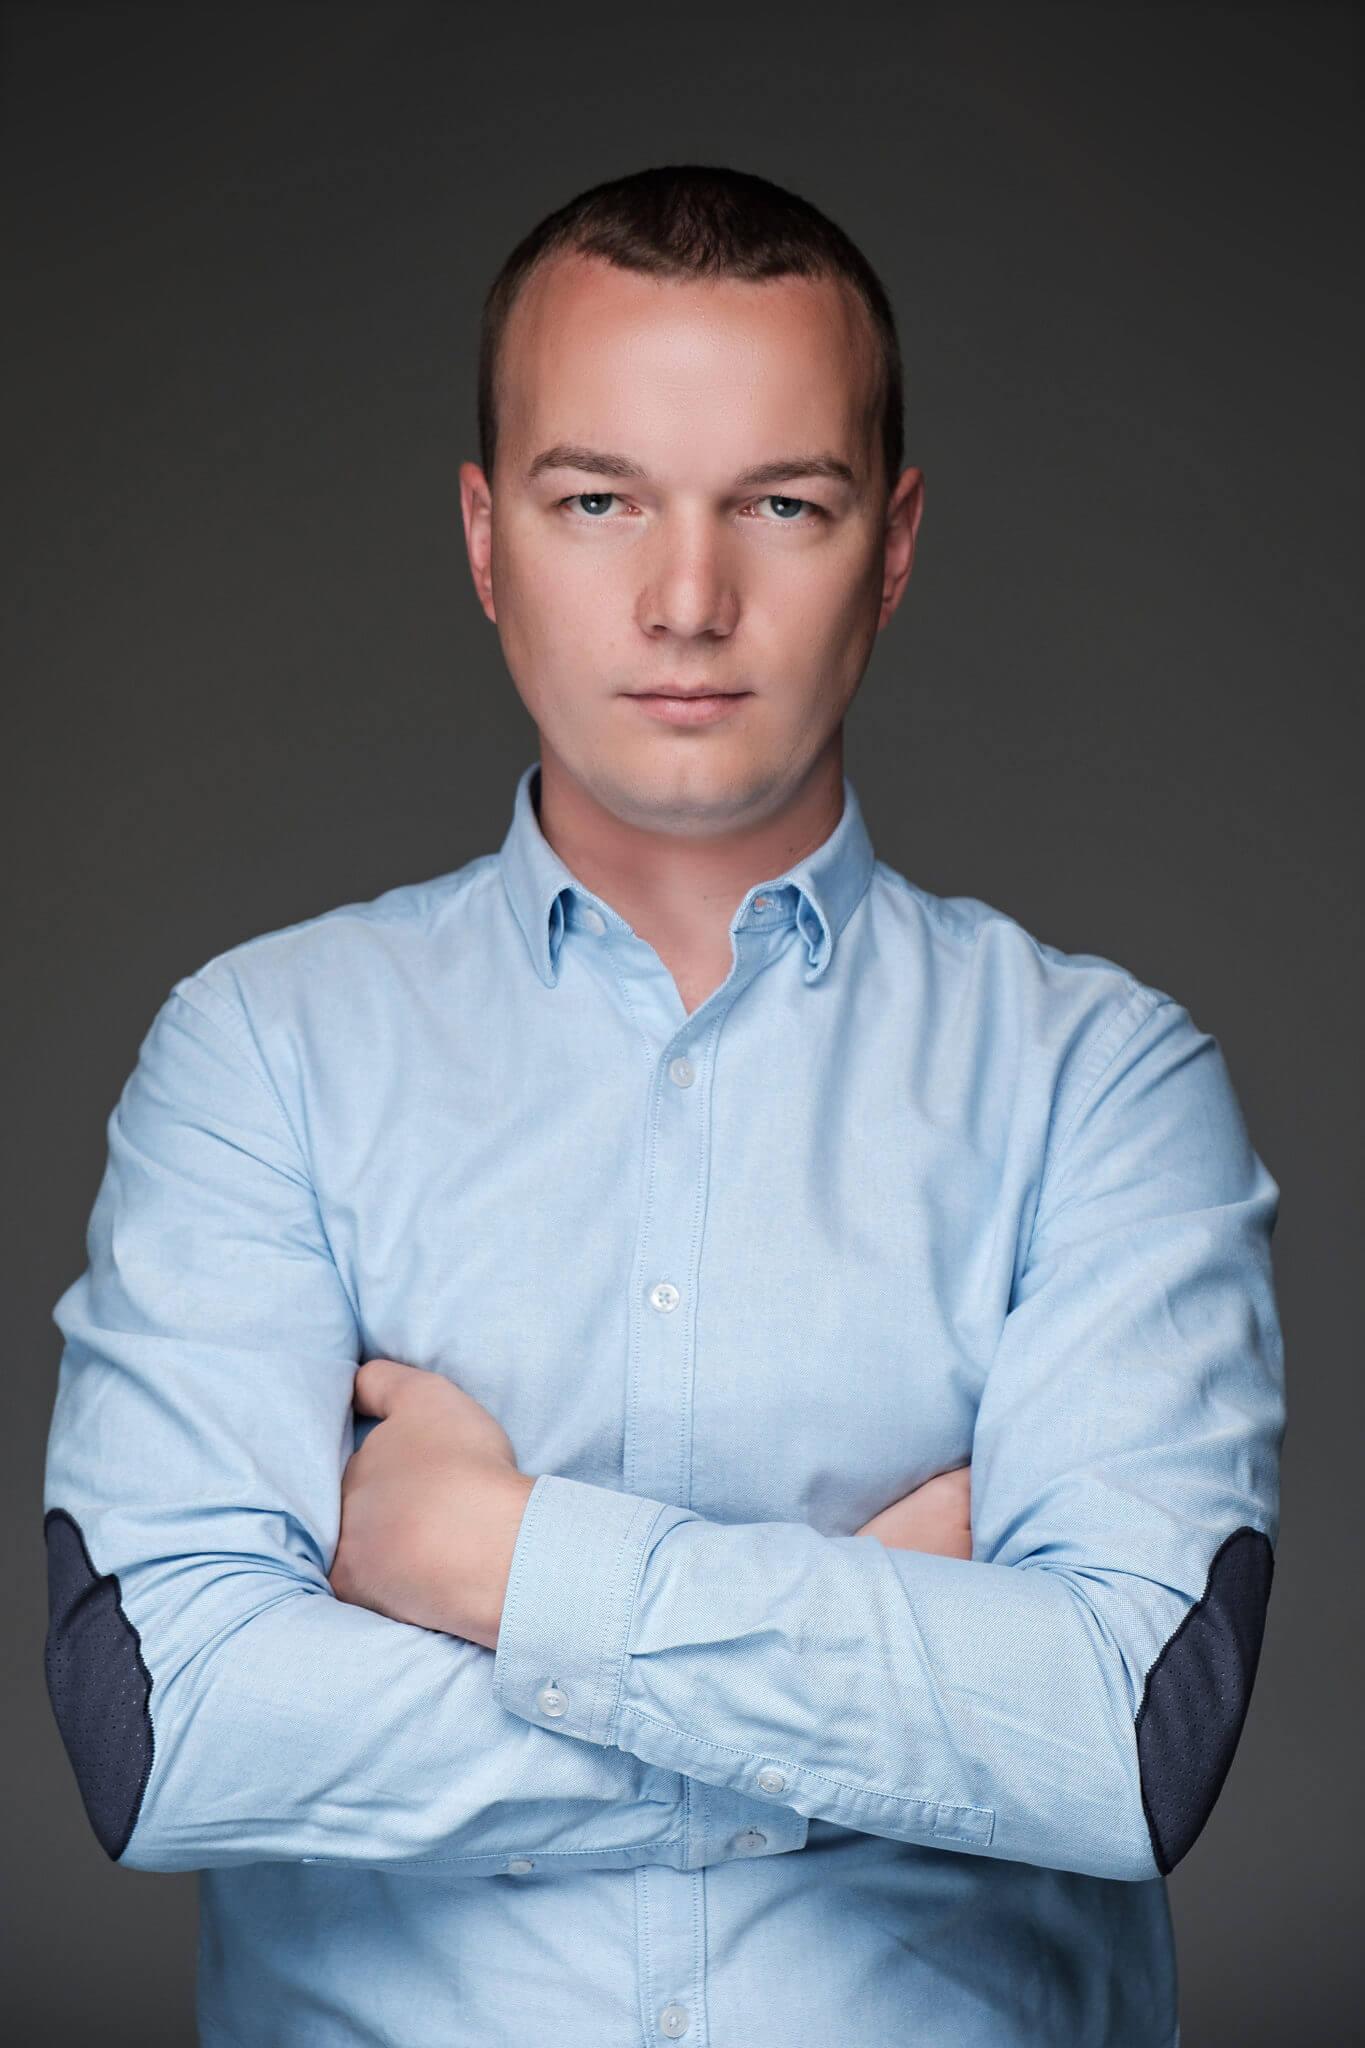 Деловой портрет, бизнес портфолио, поясной портрет мужчины в рубашке, серый фон